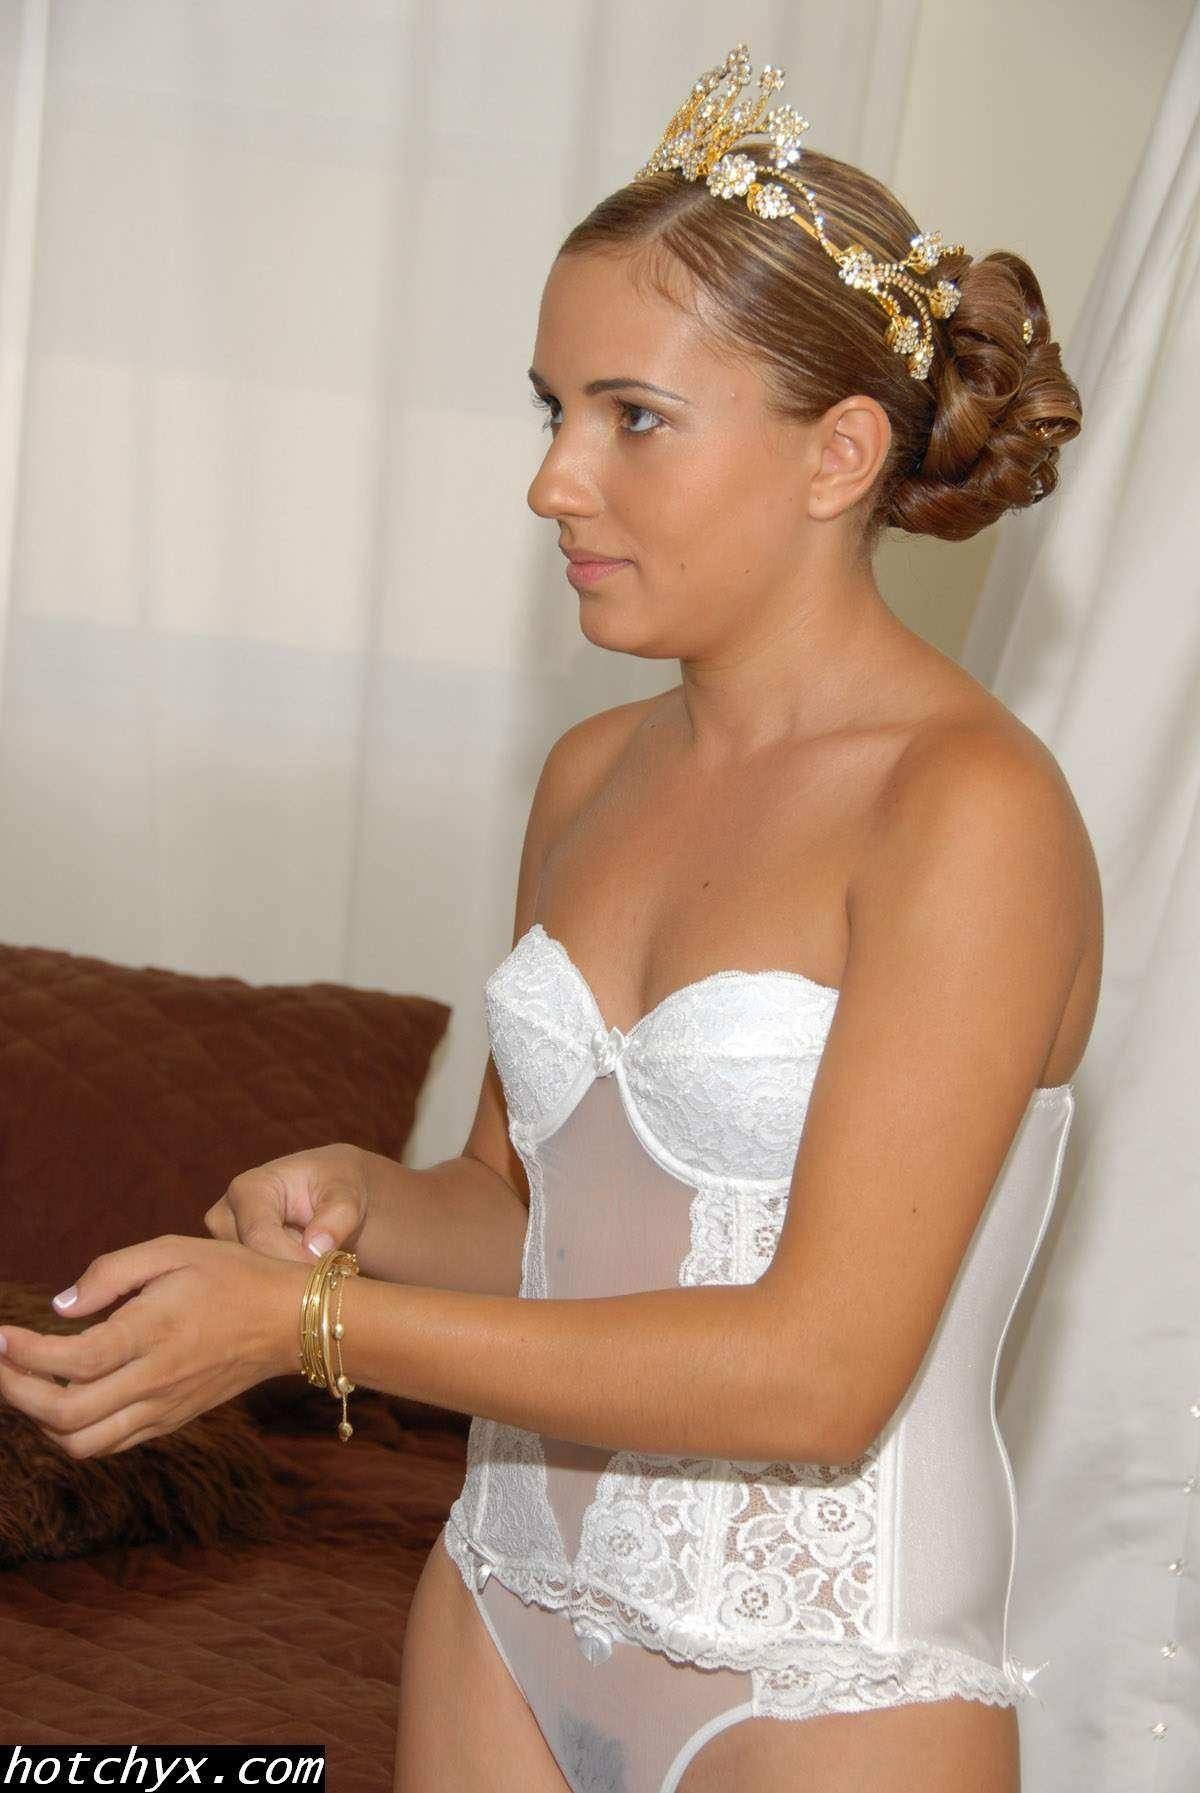 wife getting ready tumblr